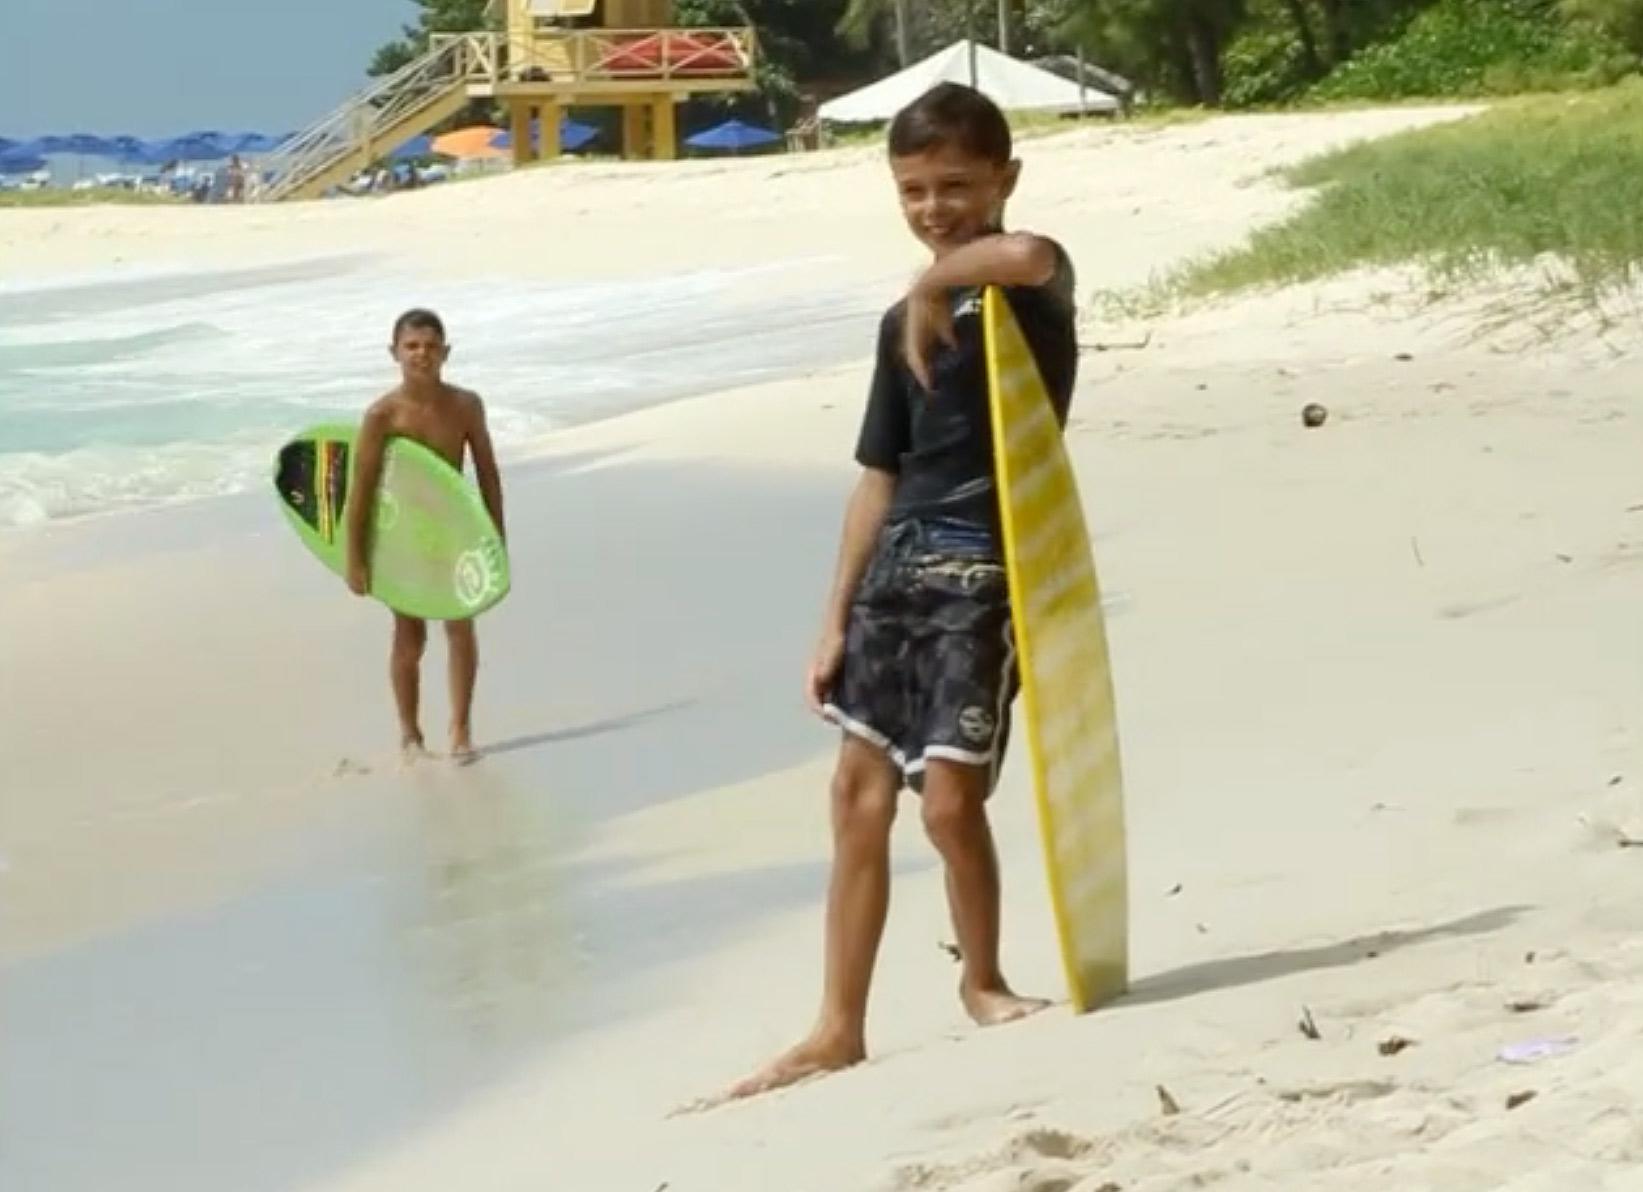 keoni-lasa-surf-zarautz